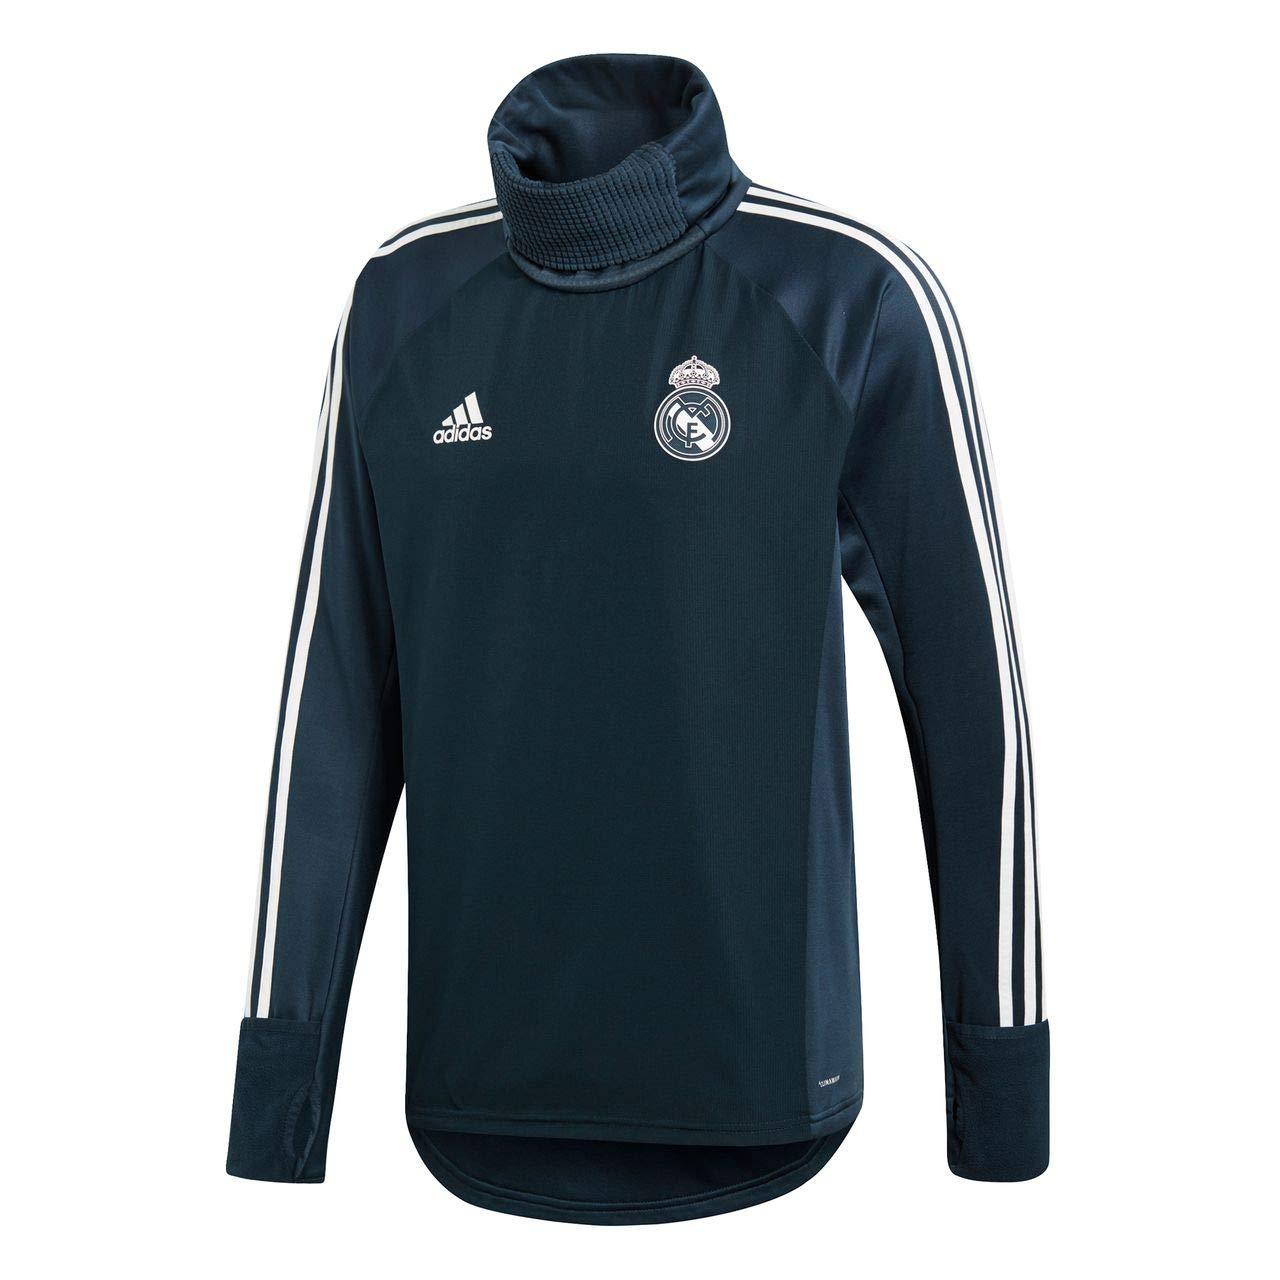 adidas Warm Sudadera-Real Madrid Temporada 2017/2018, Hombre: Amazon.es: Deportes y aire libre